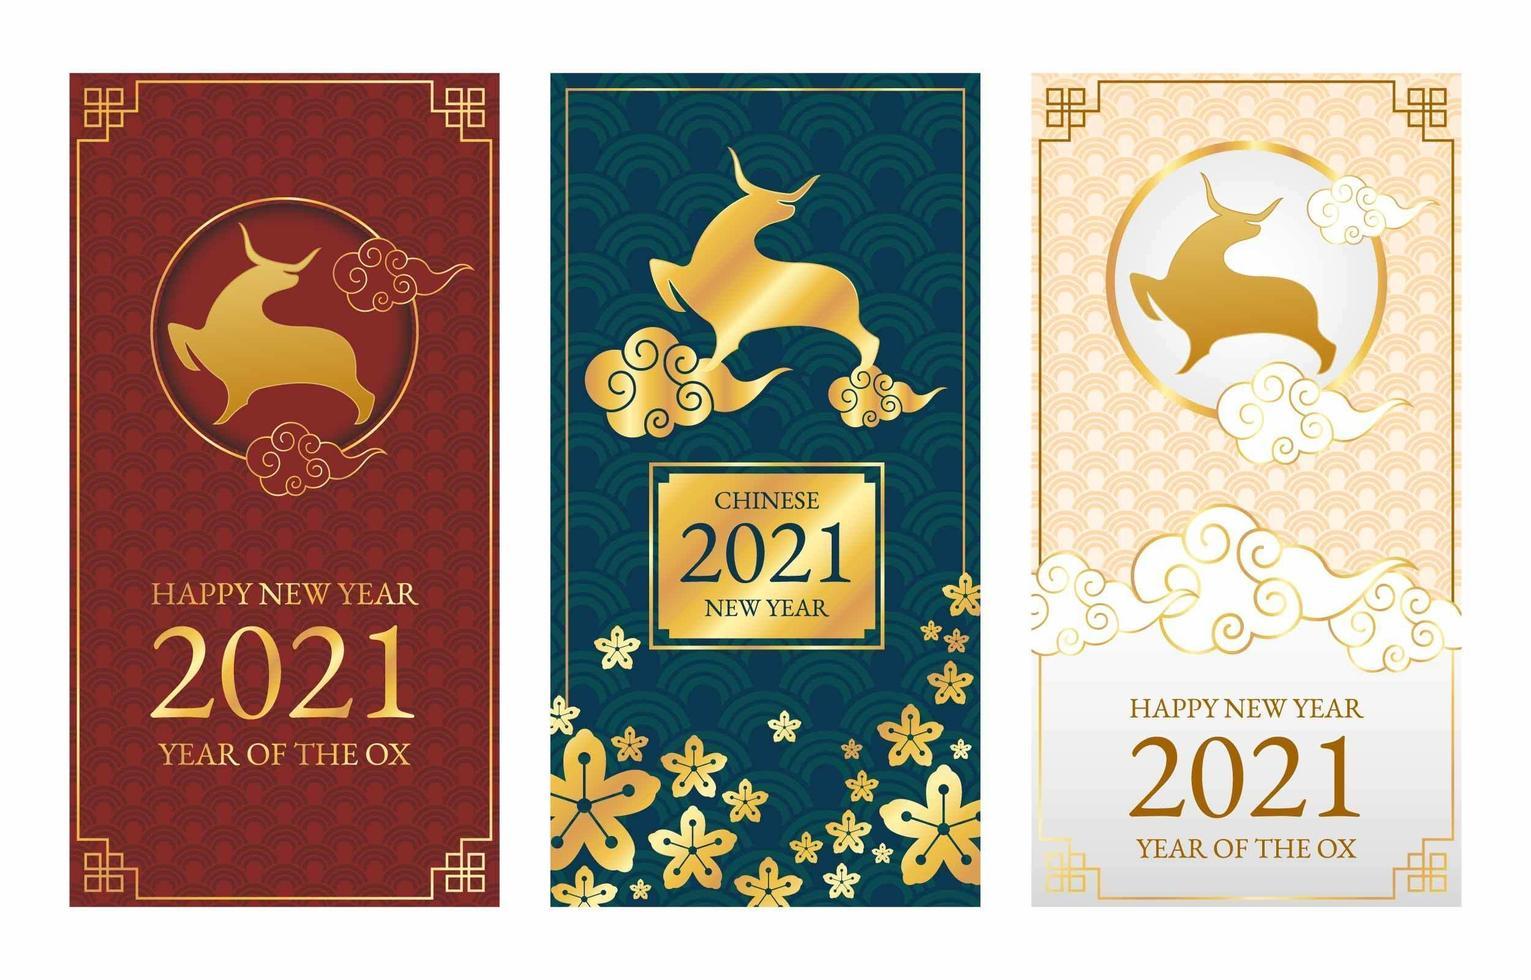 banners för kinesiskt nyår 2021 vektor